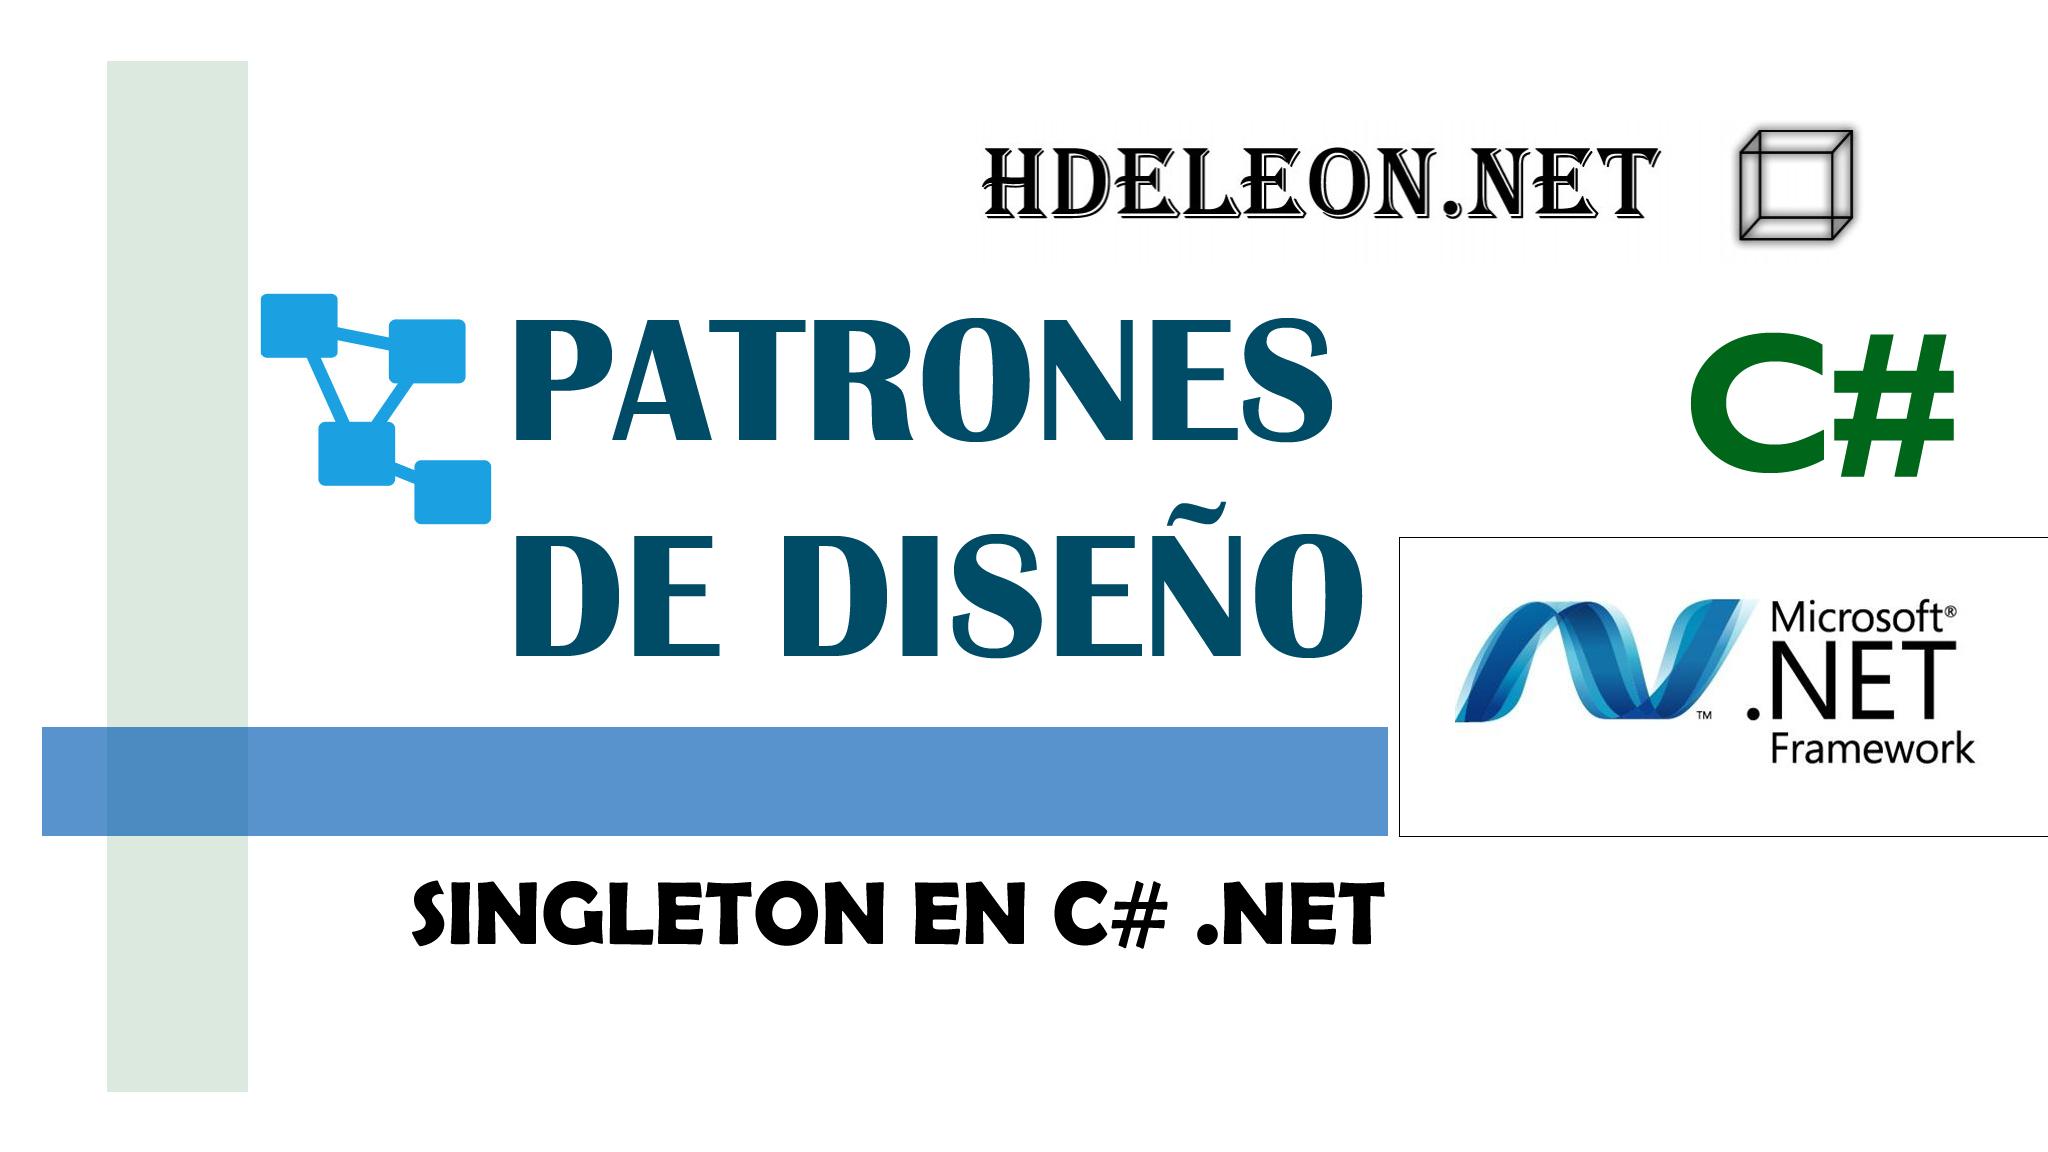 Singleton en C# .Net, Patrones de diseño, design patterns, #1